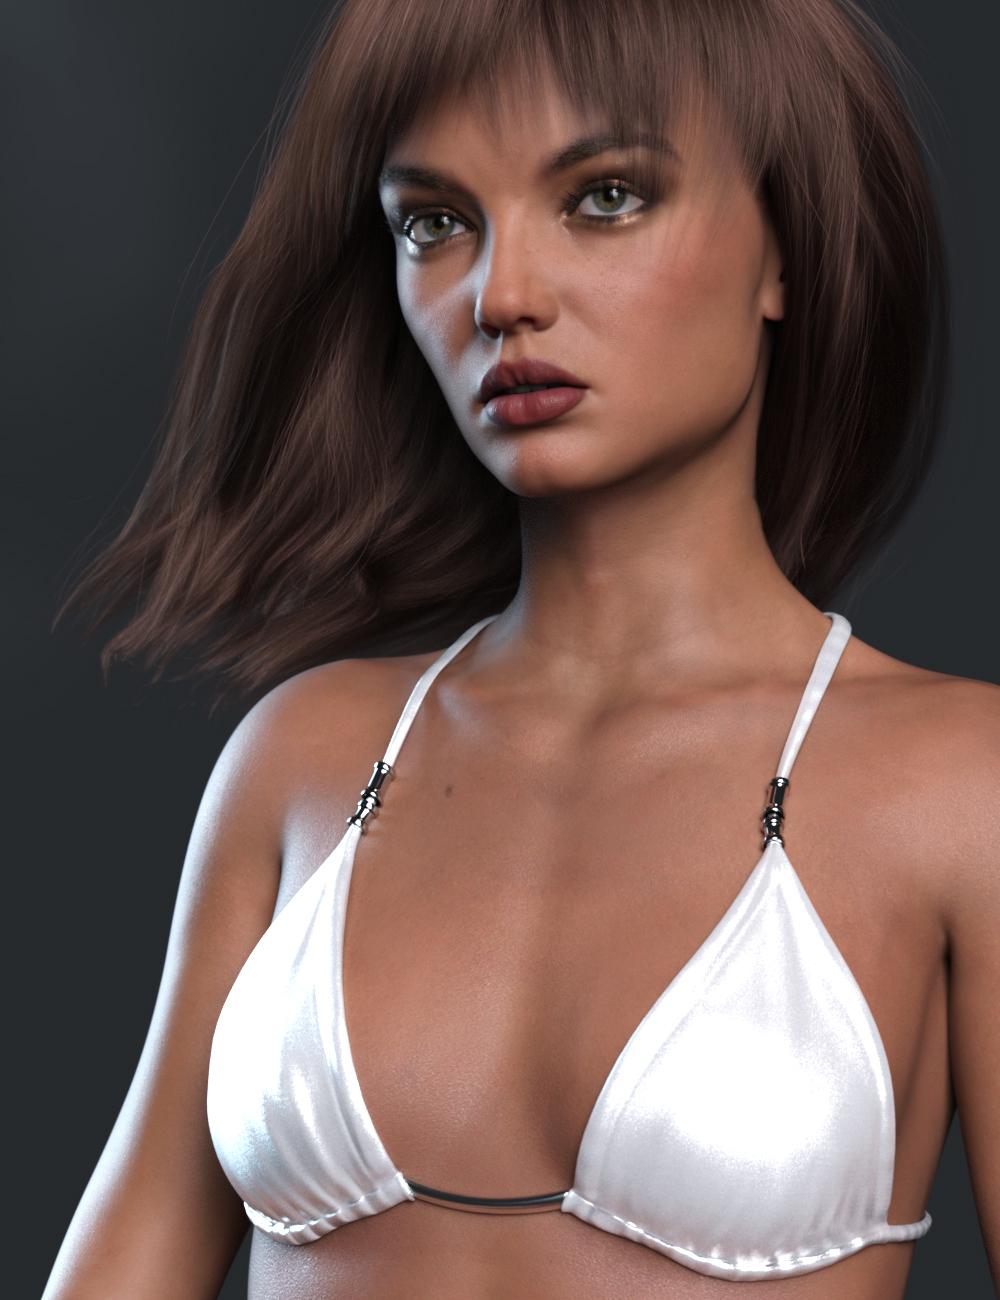 RY Inessa for Genesis 8.1 Female by: Raiya, 3D Models by Daz 3D